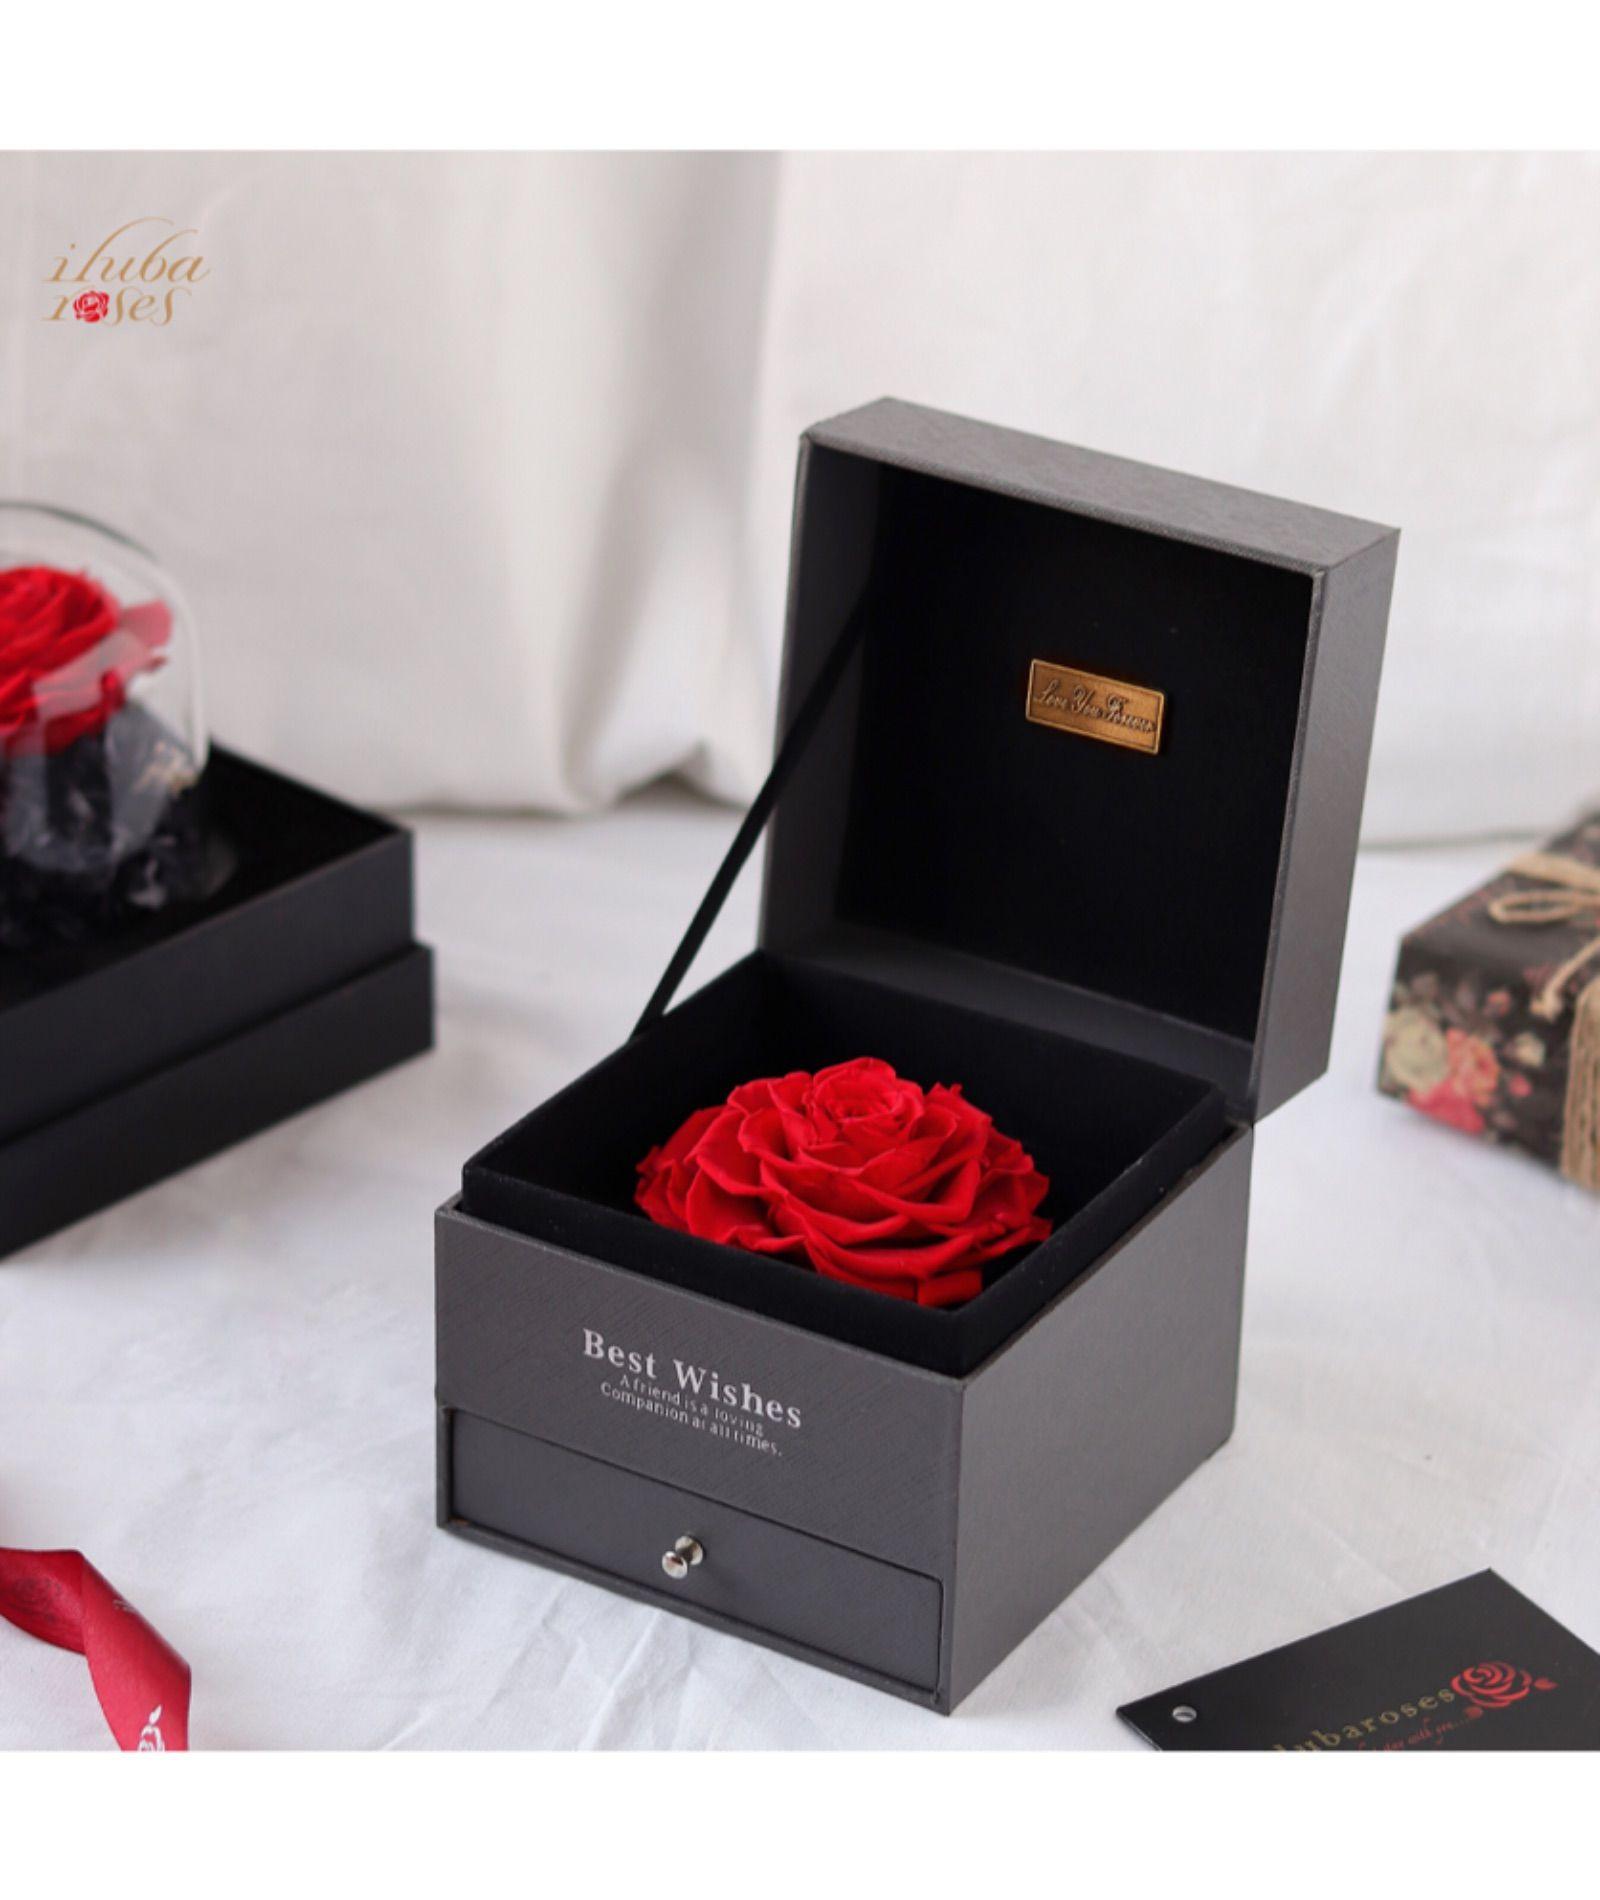 وردة ايلوبا روز احمر الدائمة داخل صندوق هدية All Things